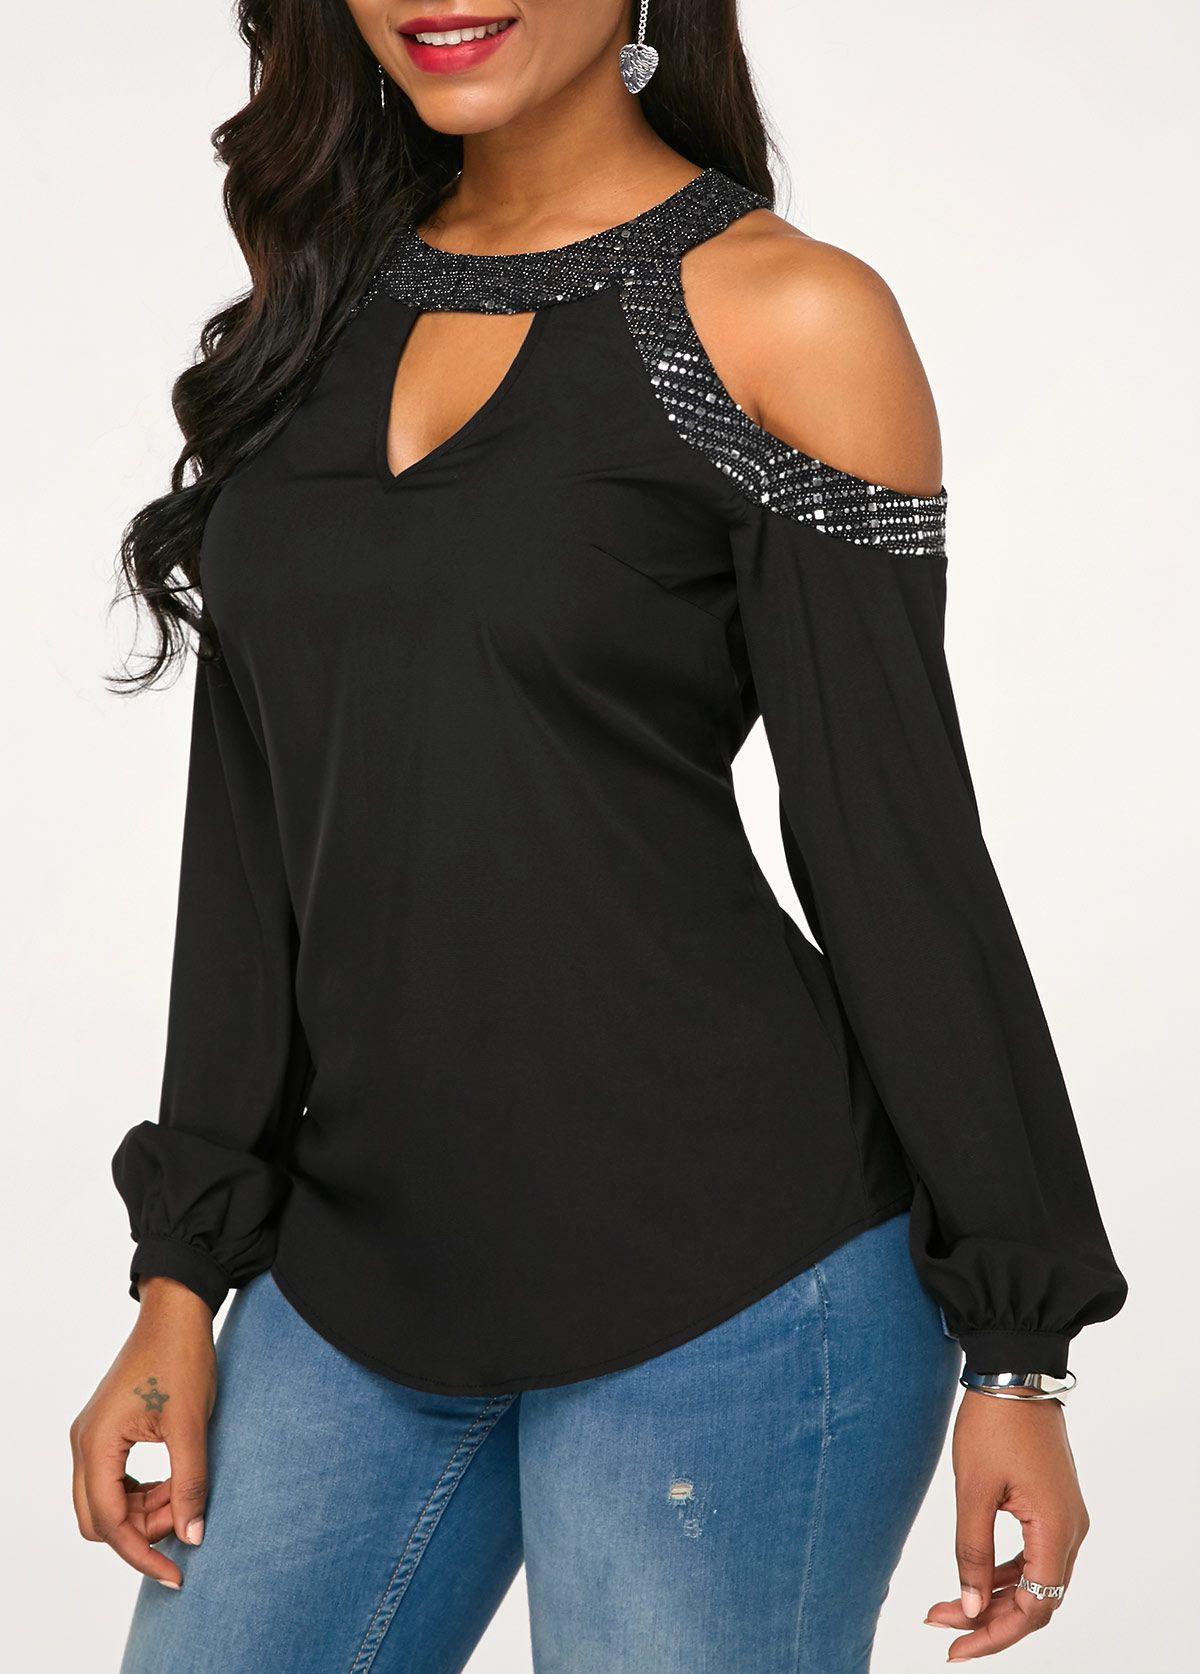 f18de16a1c4 Cold Shoulder Long Sleeve Black Blouse | Rotita.com - USD $26.58 ...